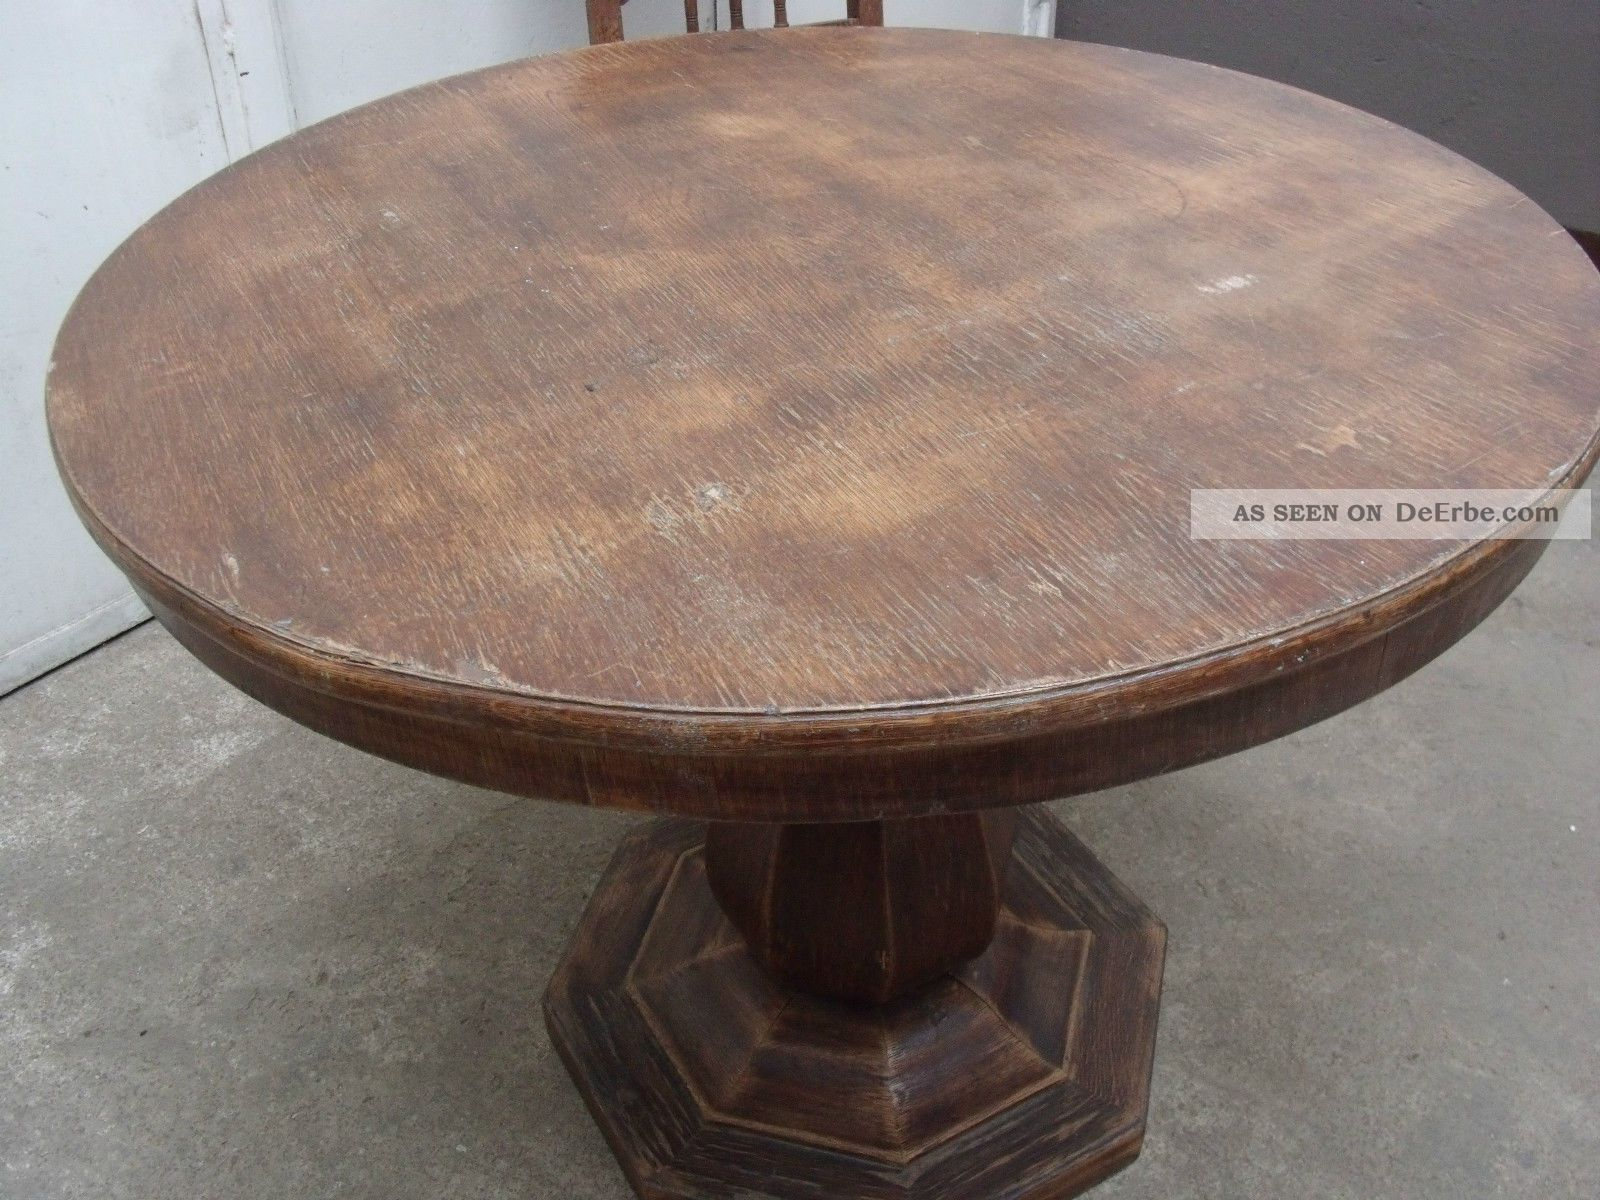 Alten Tisch Restaurieren ~ Schöner Kleiner Antiker Tisch Alter Kneipentisch Als Esstisch Zum Restaurieren